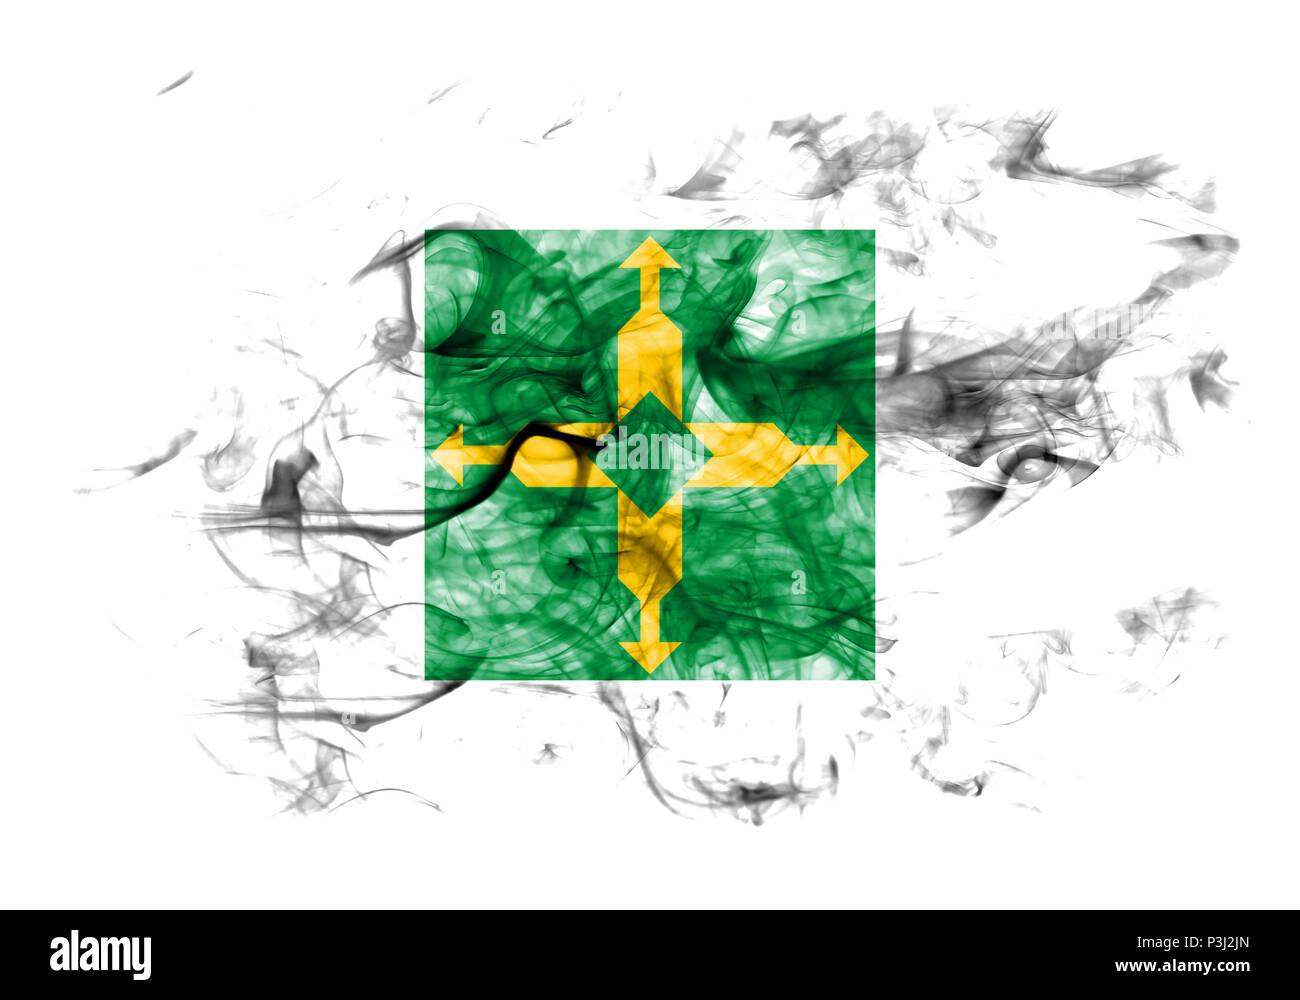 Distrito Federal smoke flag, Ciudad de Mexico - Stock Image